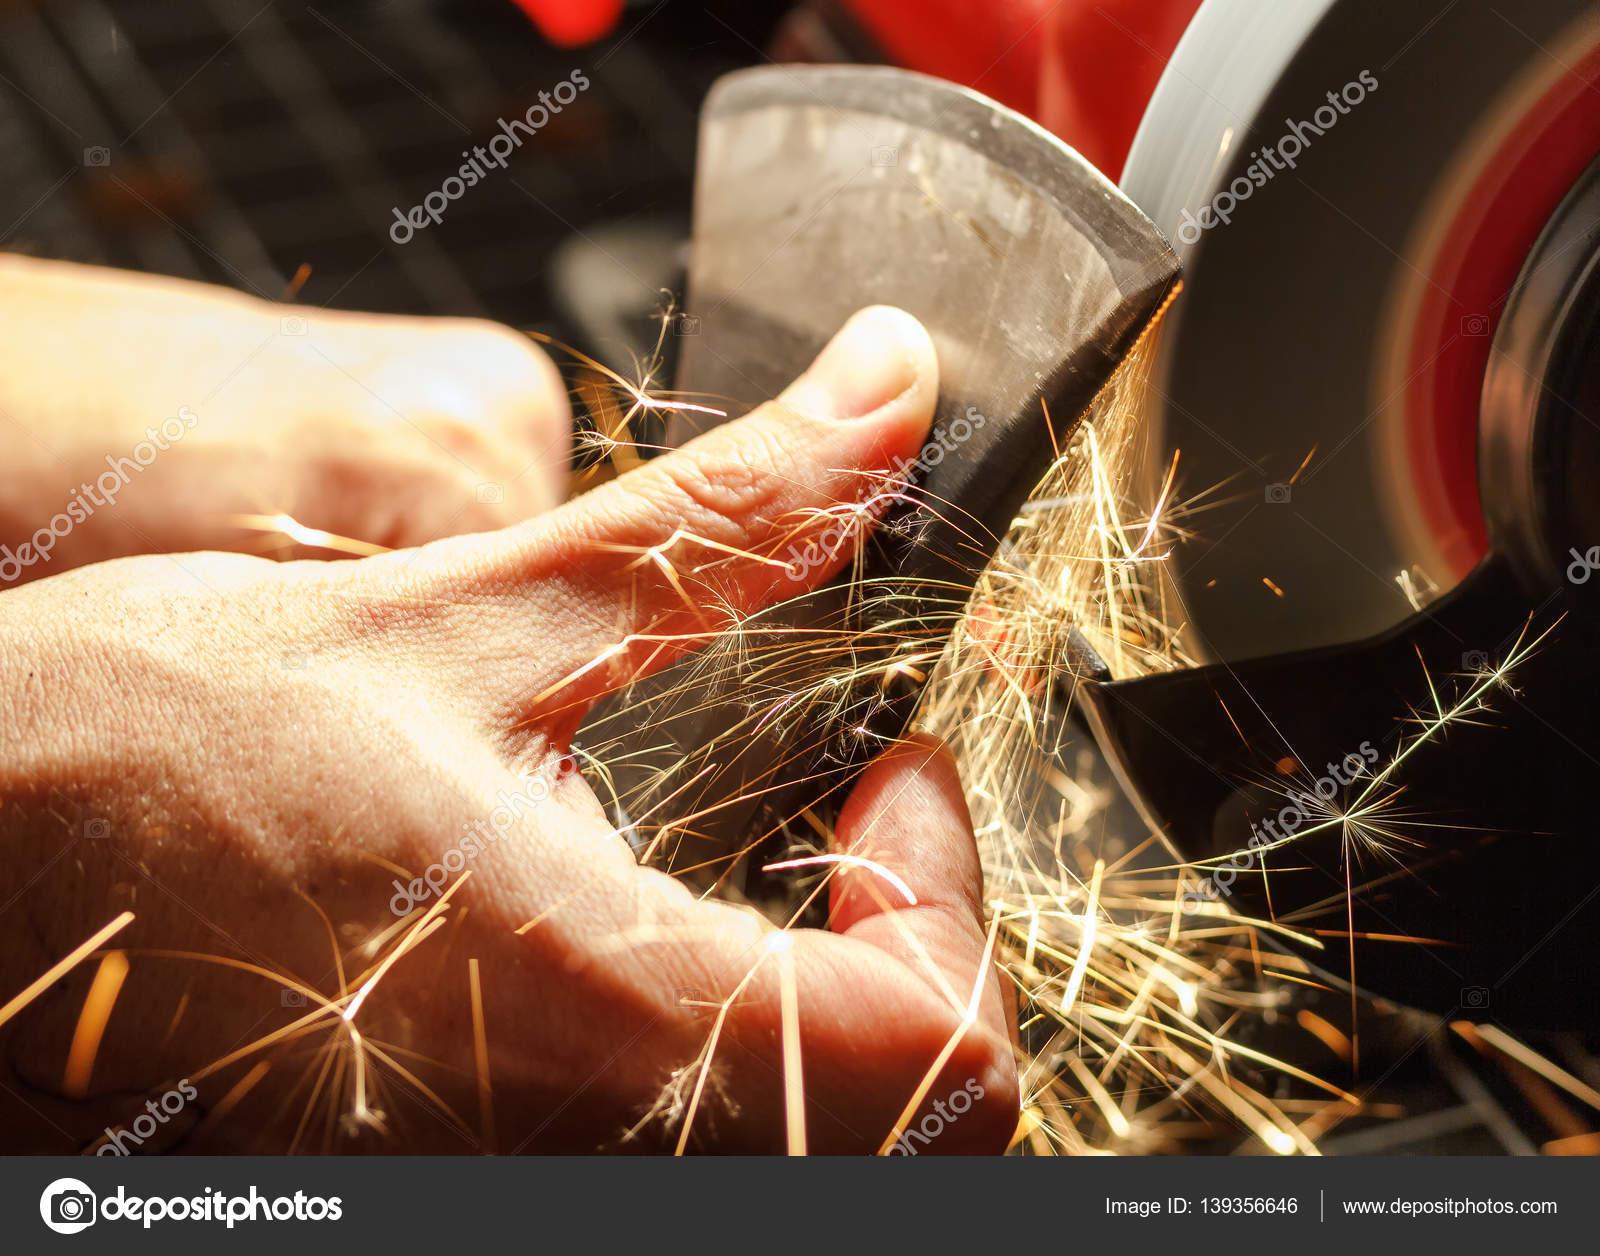 nahaufnahme von hand schärfen die axt schärfen maschine — stockfoto